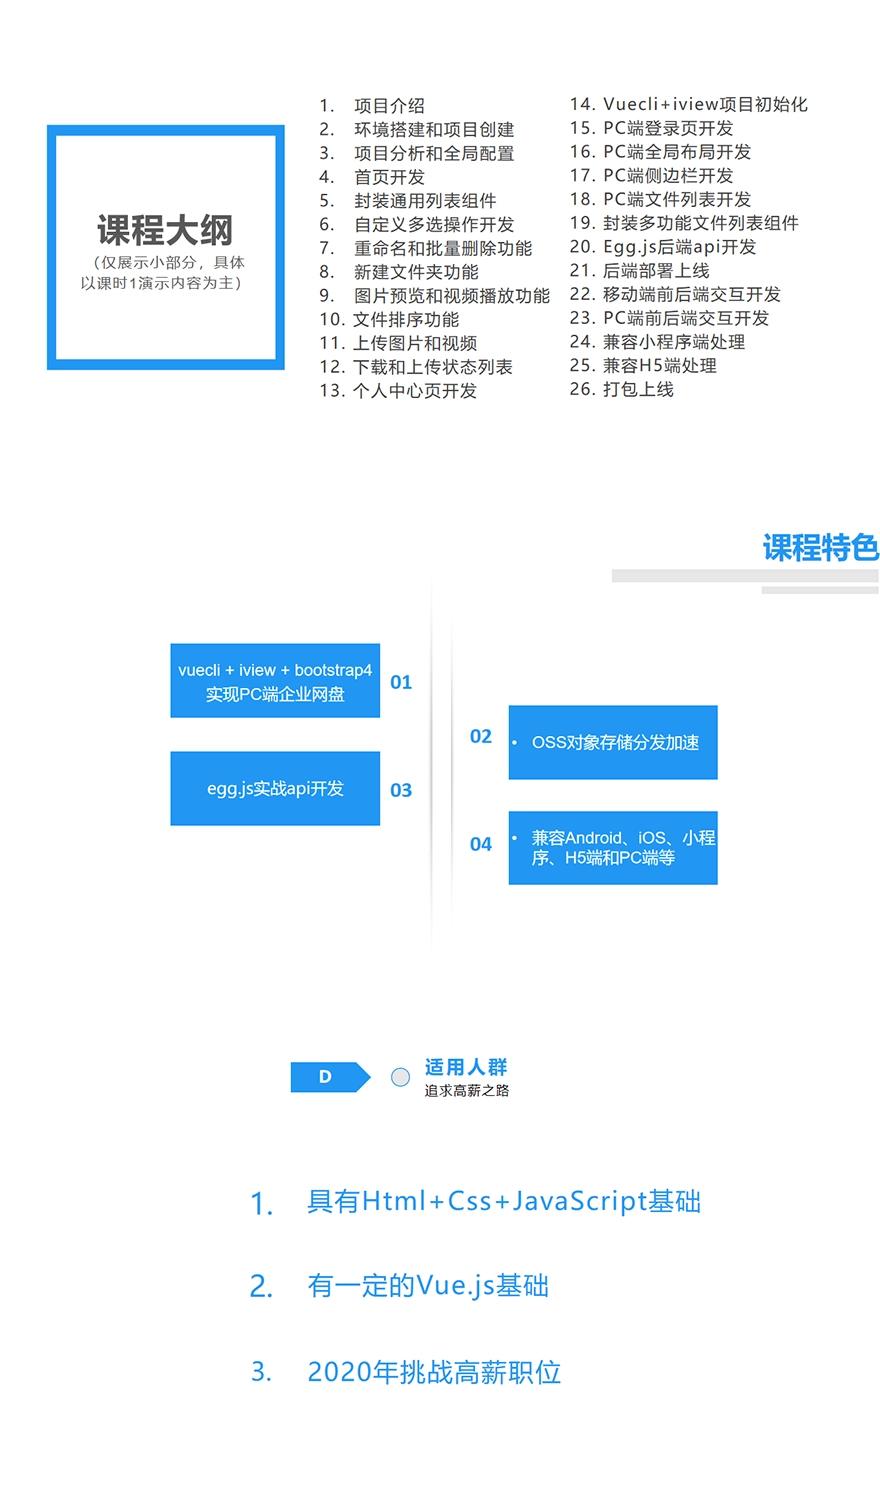 uni-app多端企业网盘全栈开发 无加密视频下载